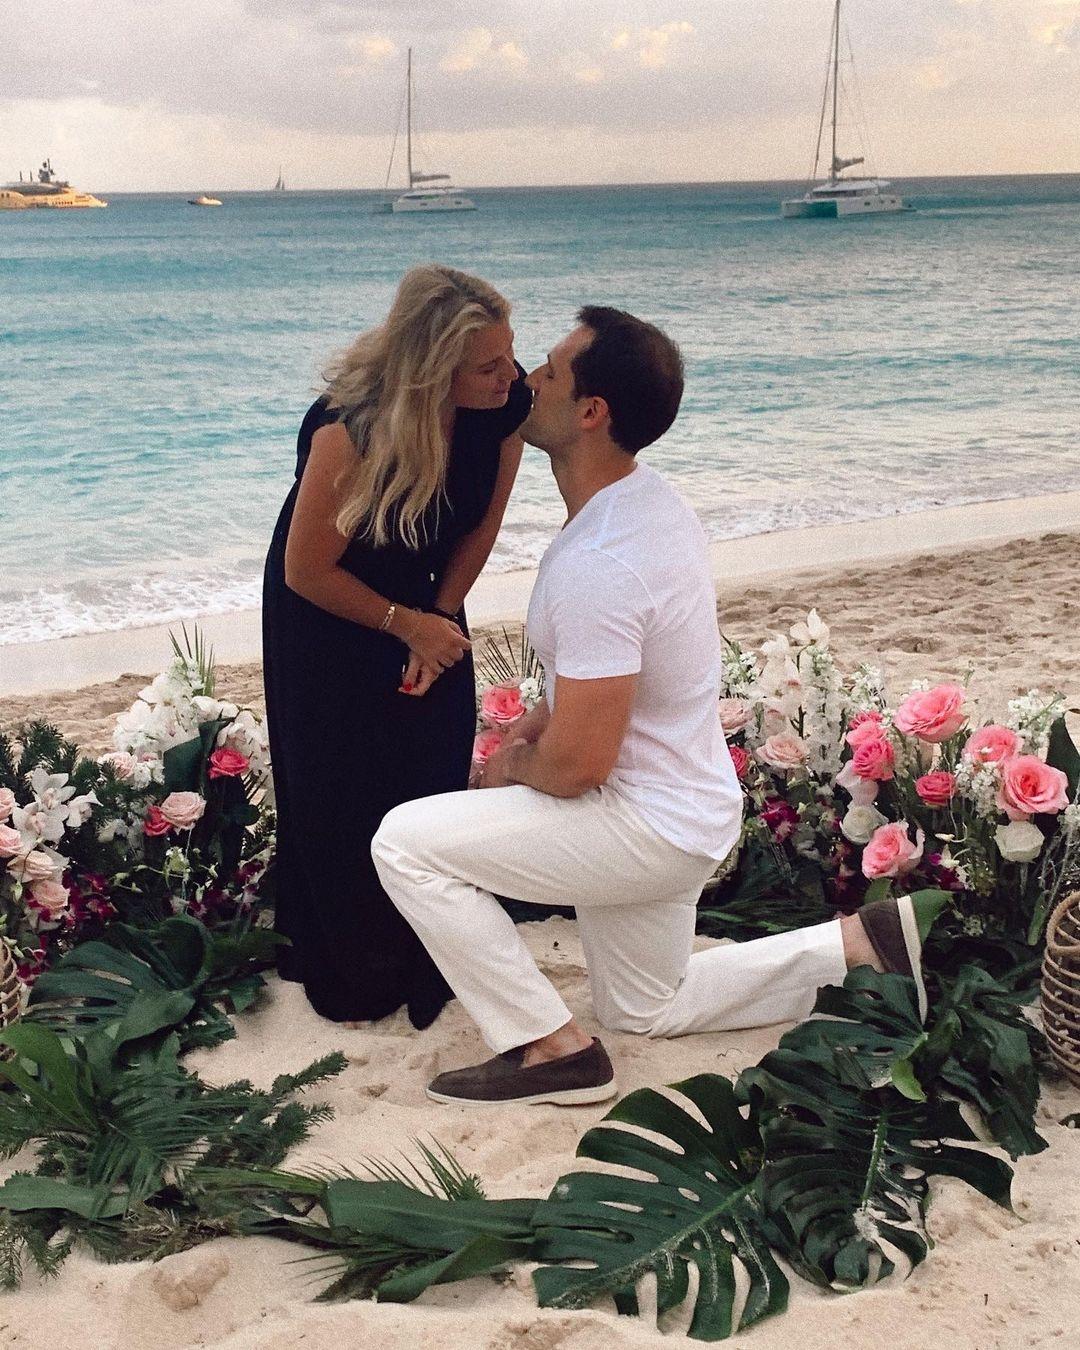 Официально: дочь бизнесмена Романа Абрамовича Софья выходит замуж - фото №1